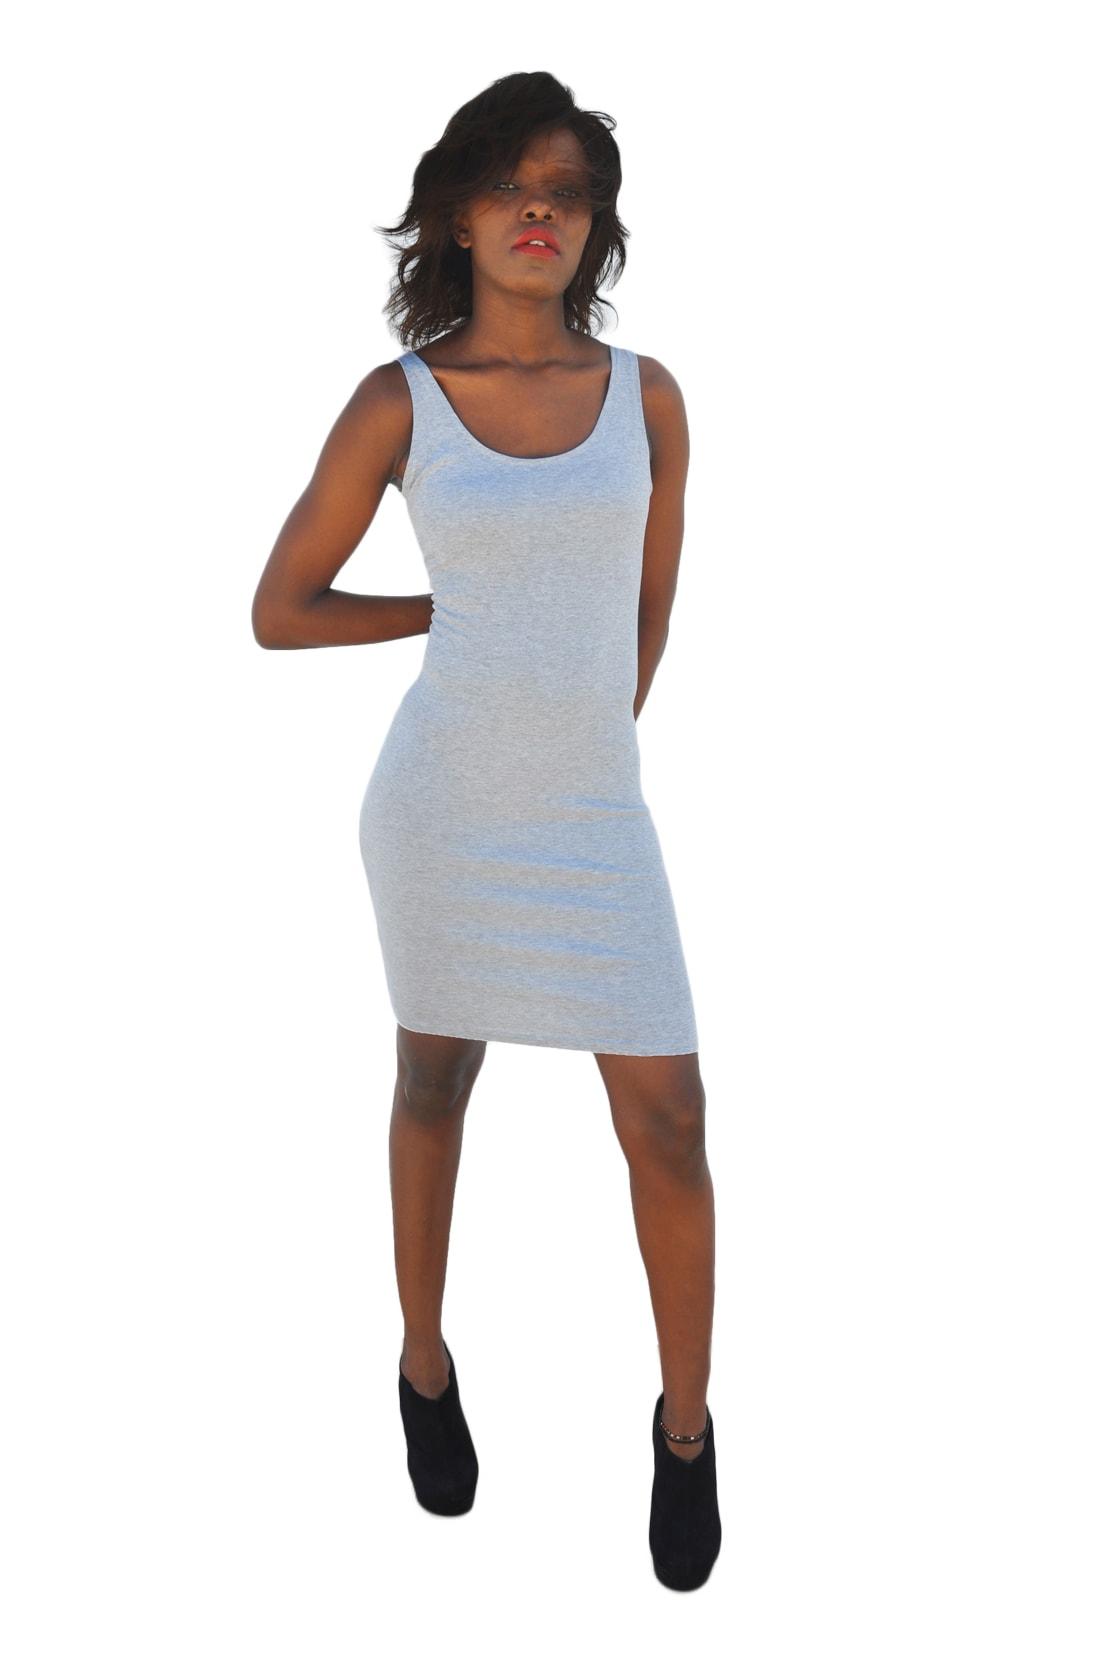 M0204 gray4 Sleeveless Dresses maureens.com boutique